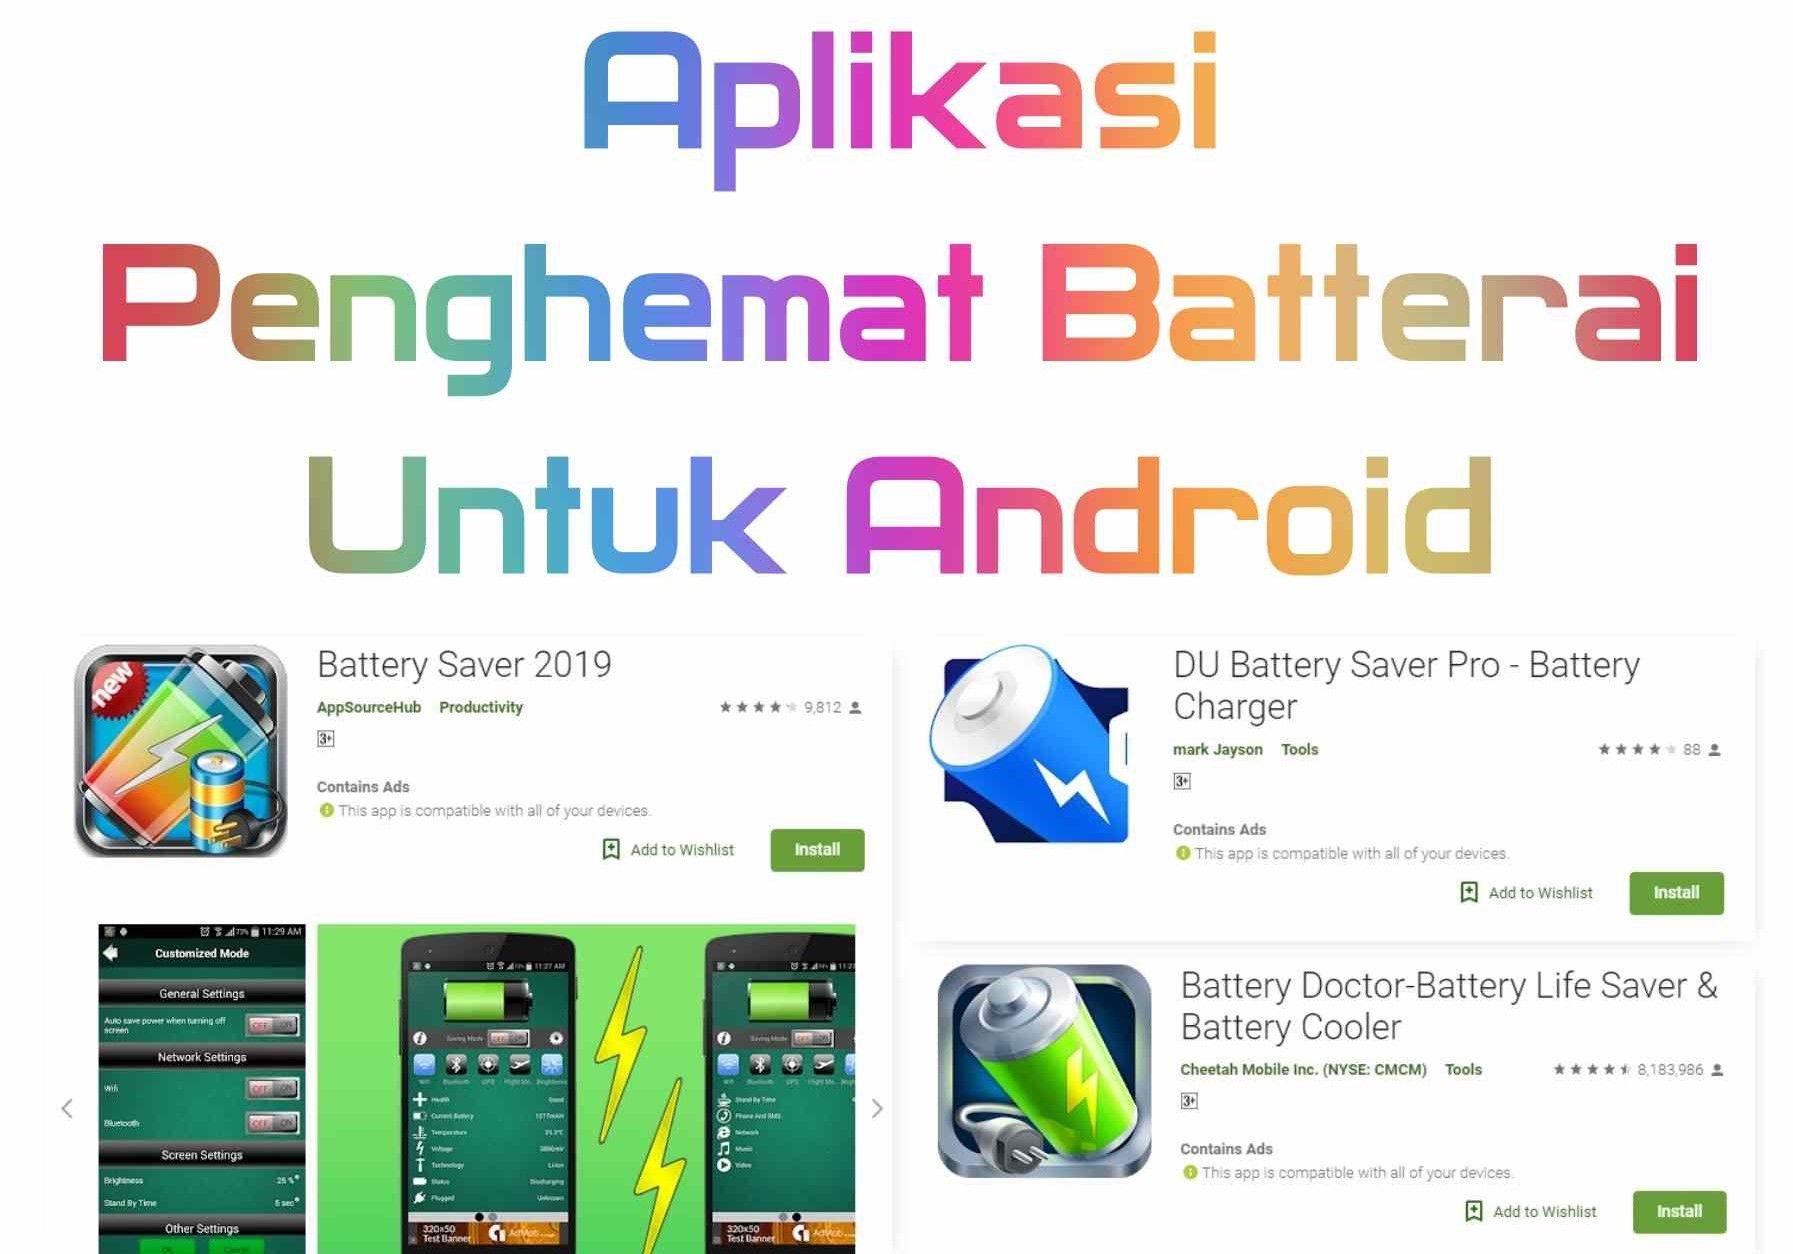 Bingung Karena Sering Mengecas Smartphone Akibat Baterai Cepat Habis Berikut Ini Rekomendasi Aplikasi Penghemat Baterai Dengan Rating T Aplikasi Baterai Hemat